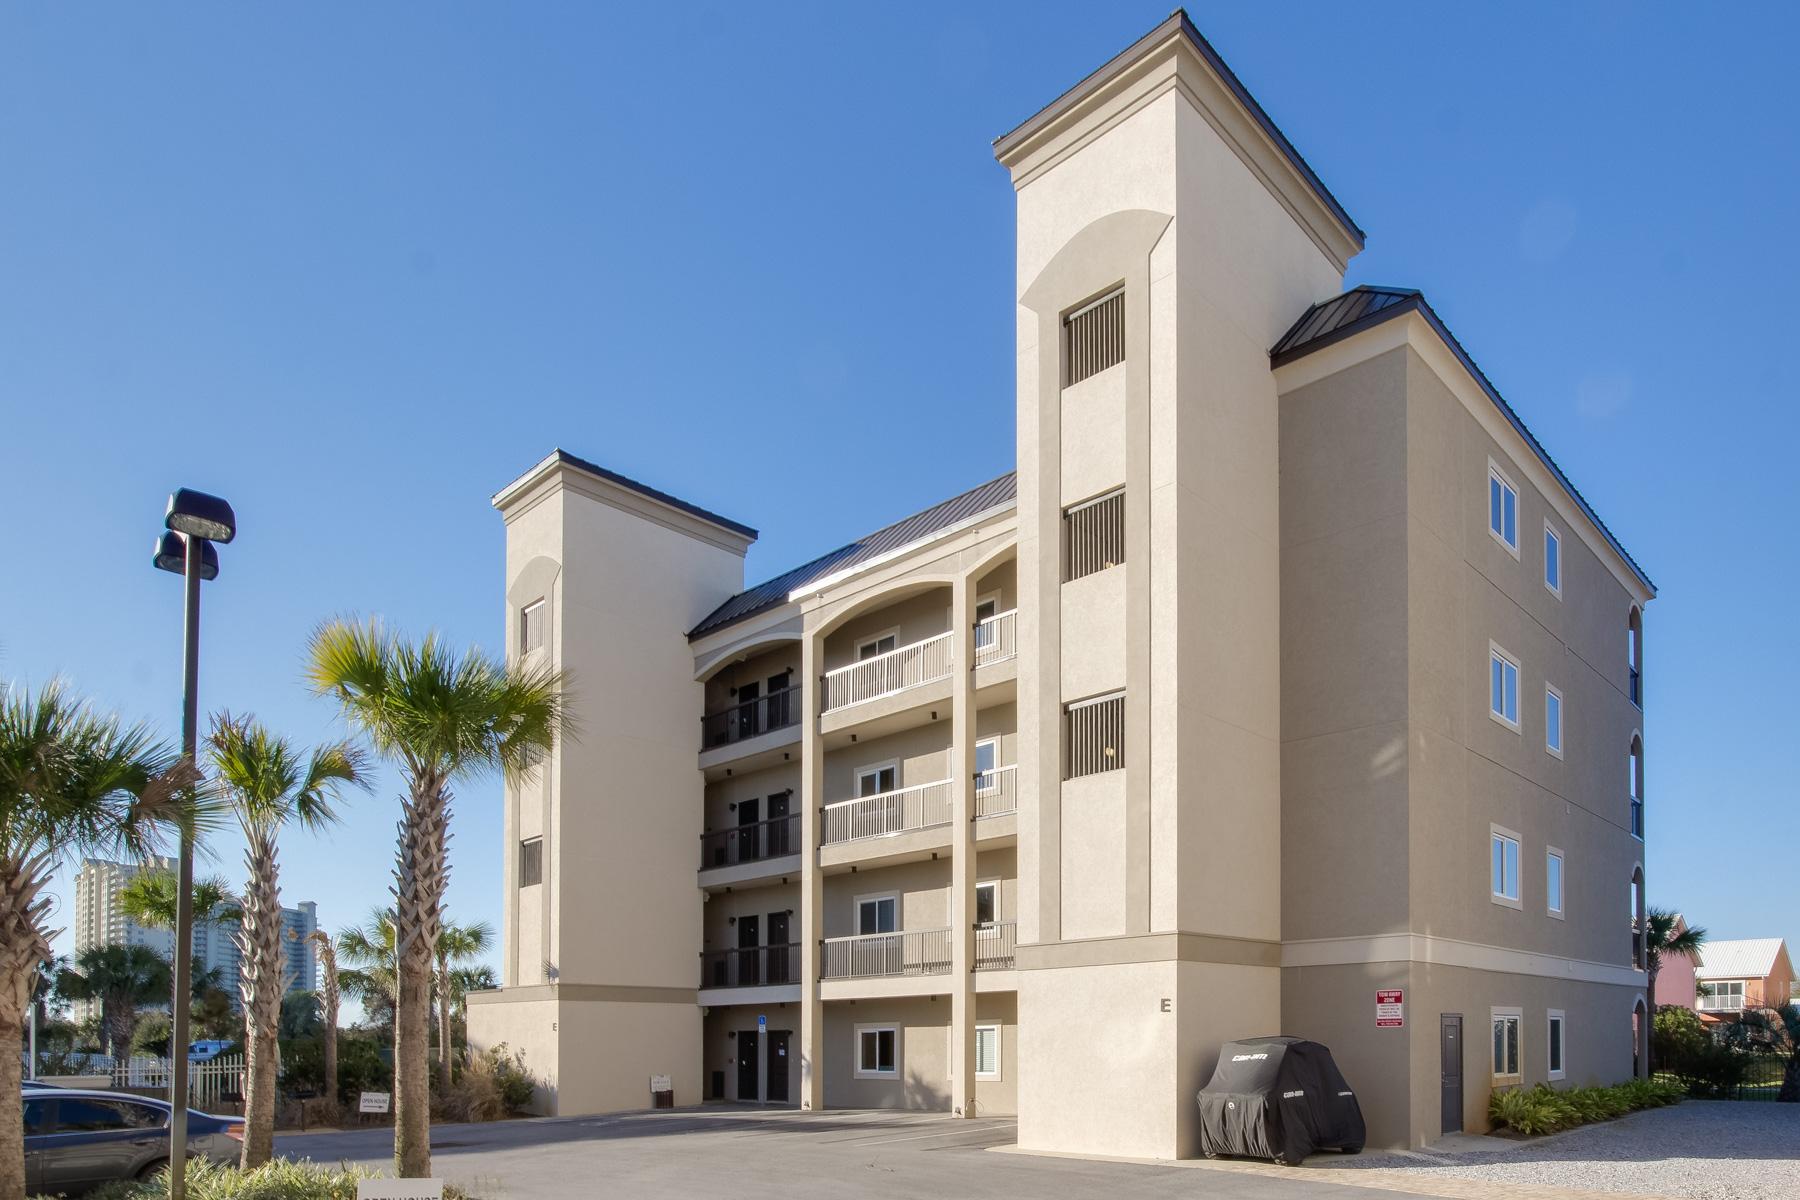 共管式独立产权公寓 为 销售 在 4th Floor Condo Just a Short Walk to the Beach 732 Scenic Gulf Drive A401, 米拉马尔, 佛罗里达州, 32550 美国